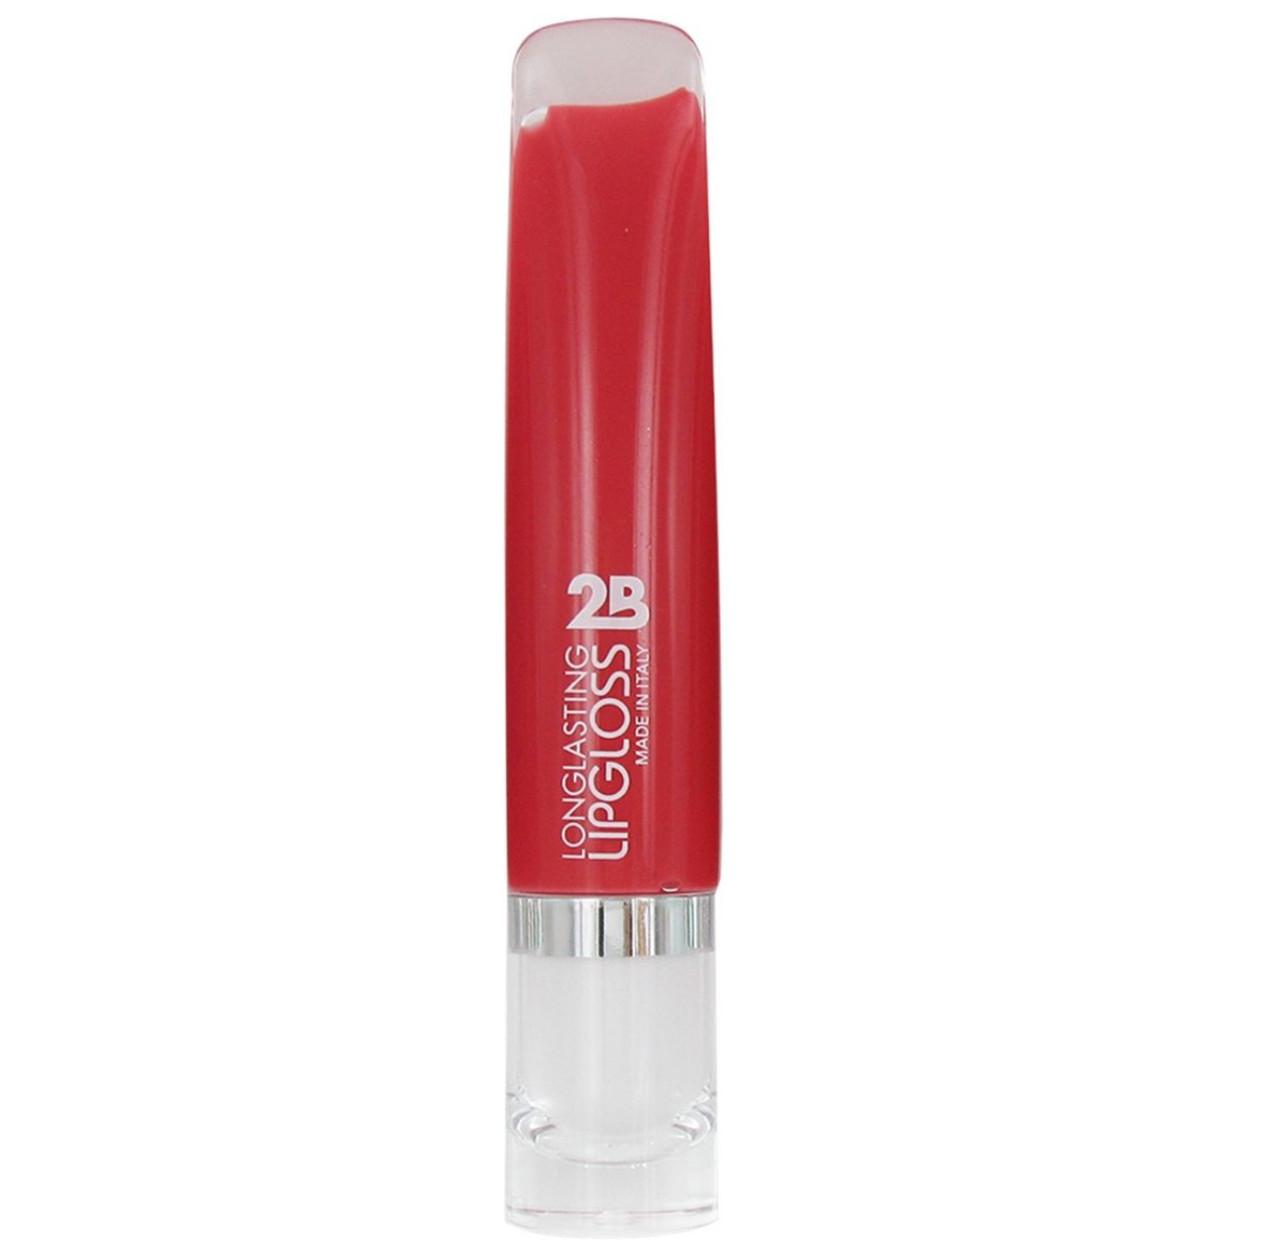 2B Блеск для губ Long Lasting 22 Raspberry Sorbet, 11 мл